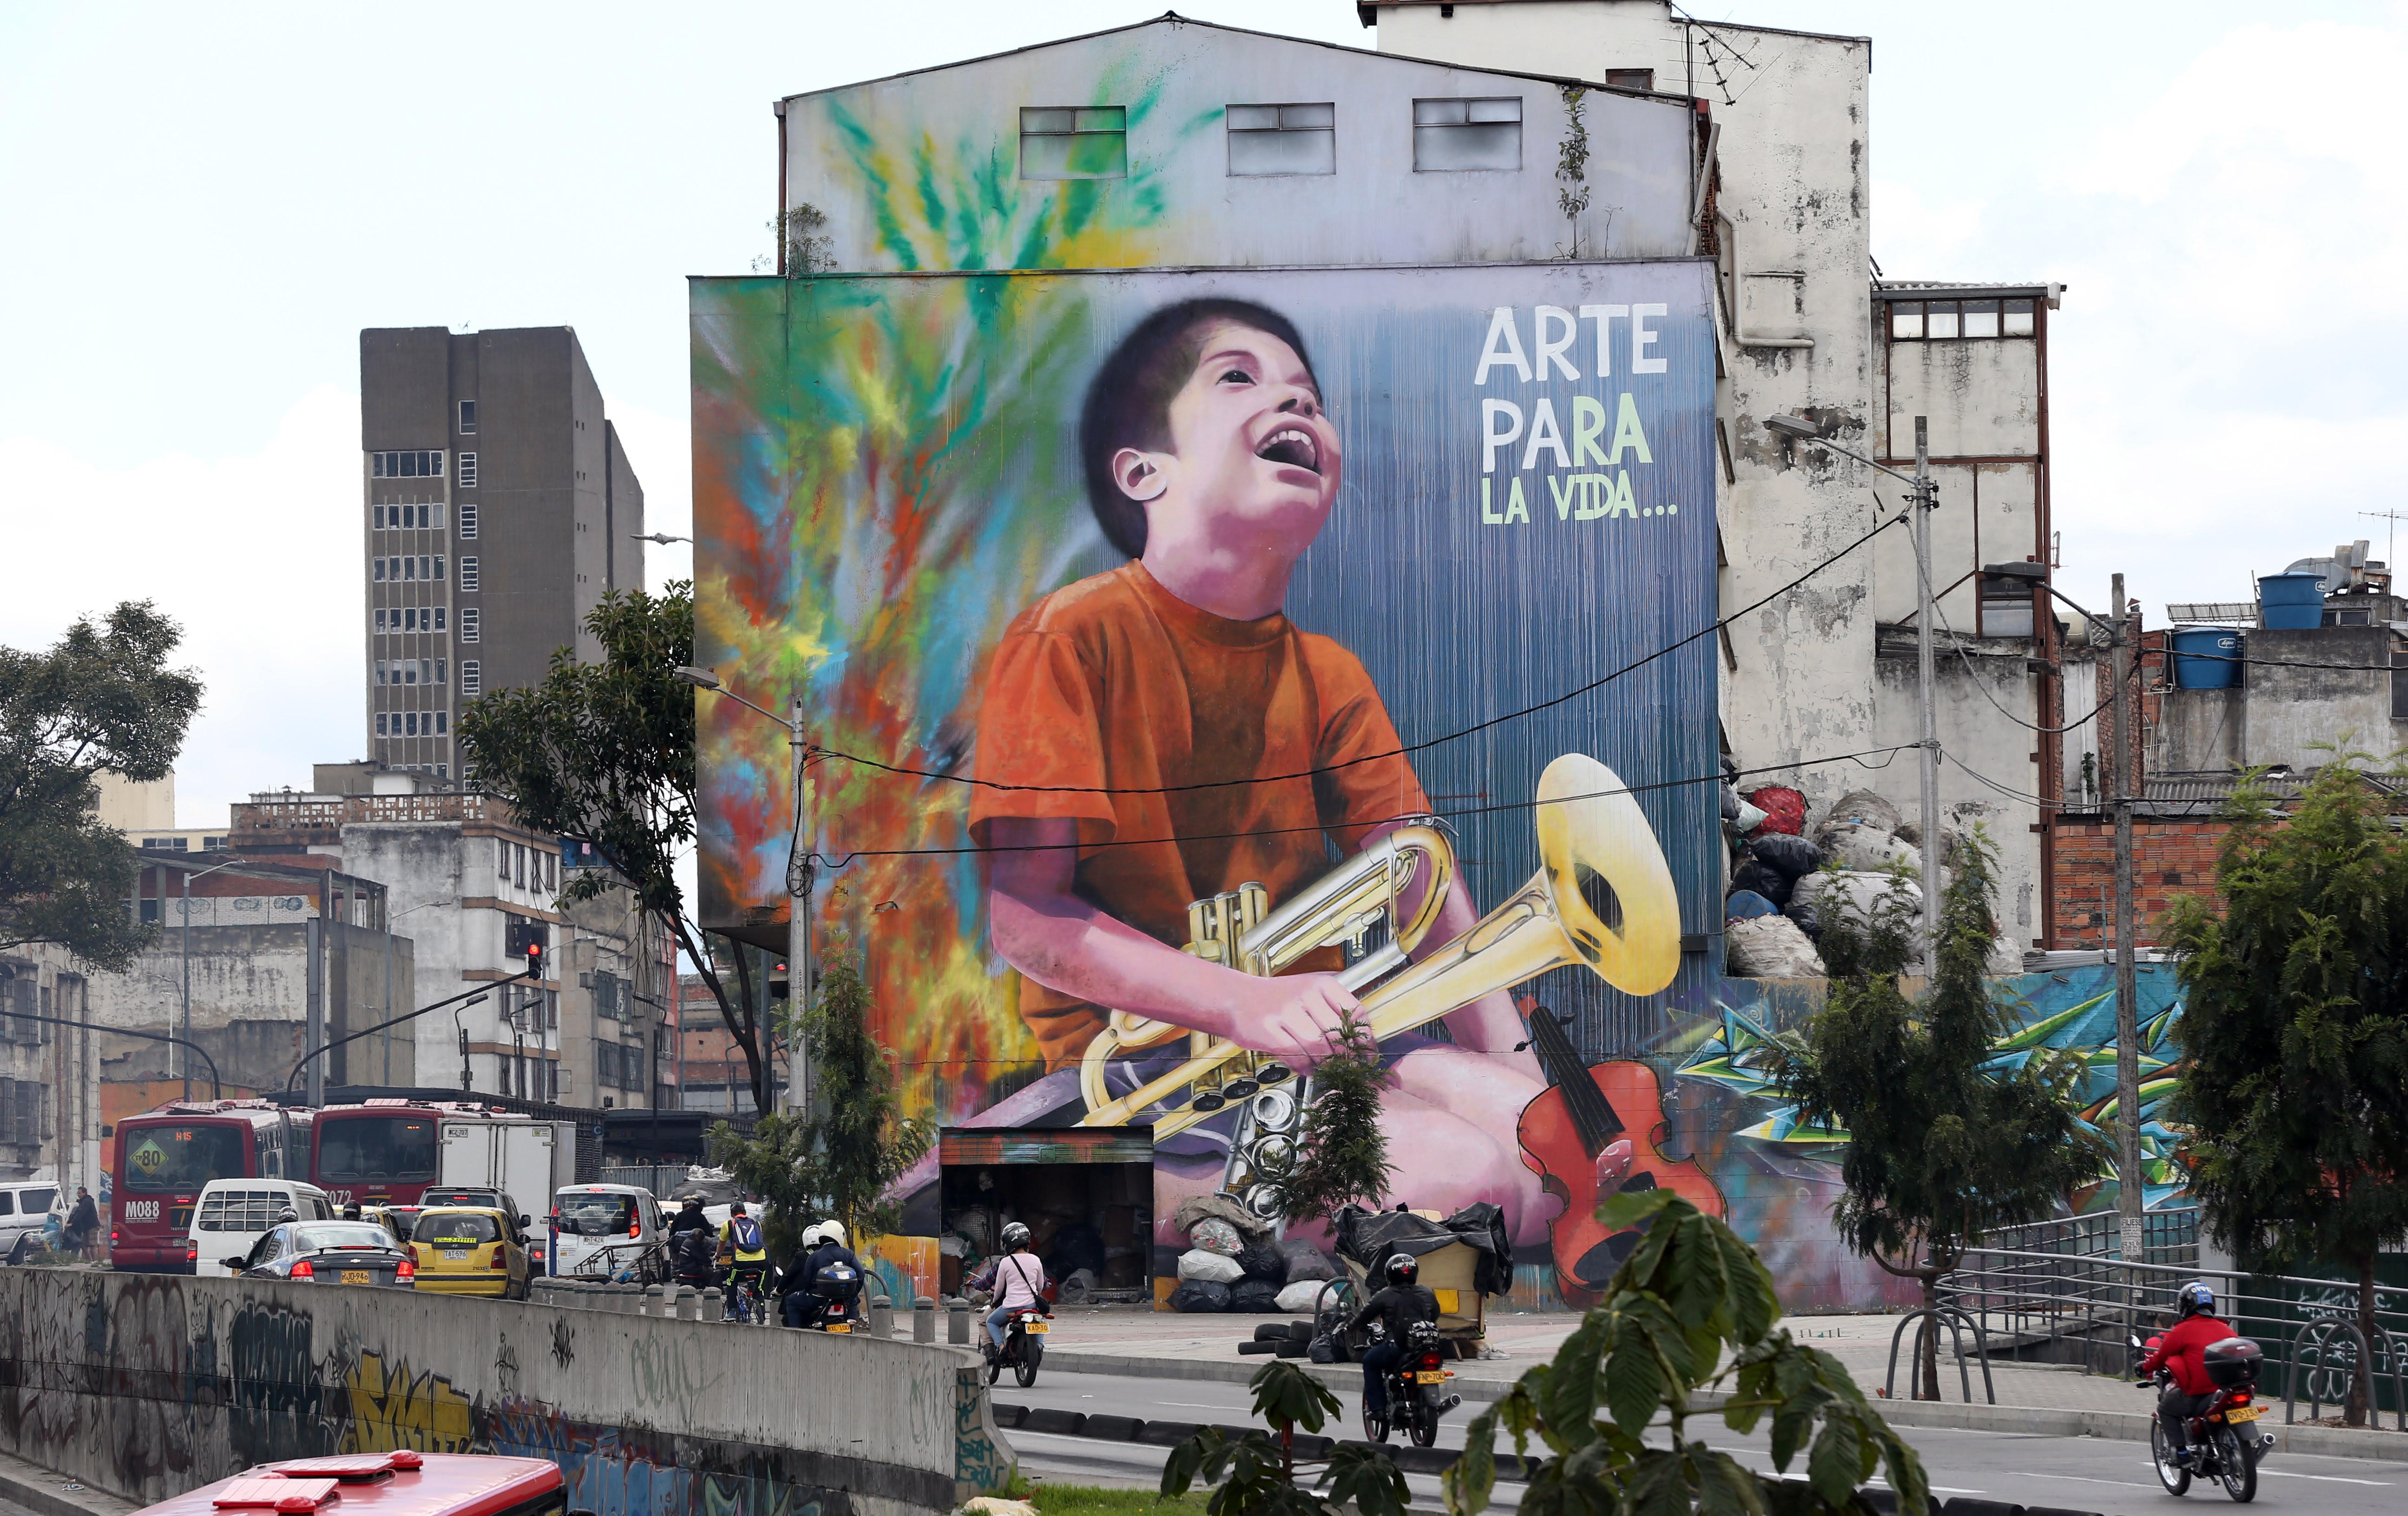 Vibrantes Murales Cambian El Rostro A Bogota Una Ciudad Gris Como